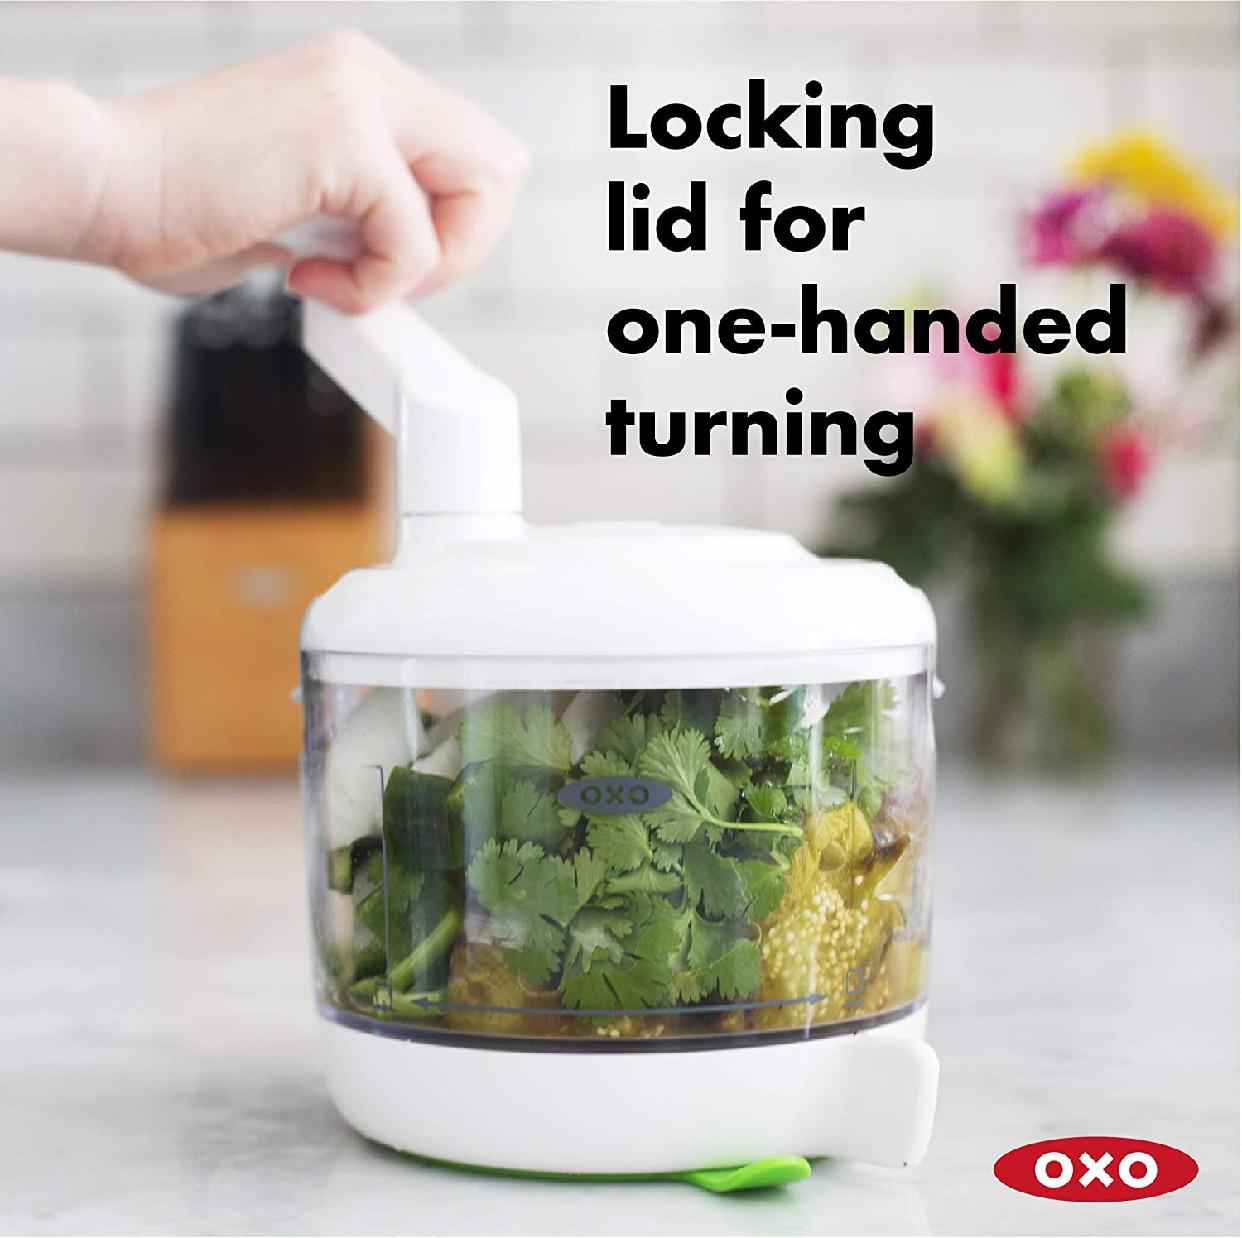 OXO(オクソー) ハンドル式フードチョッパー 11238000の商品画像2